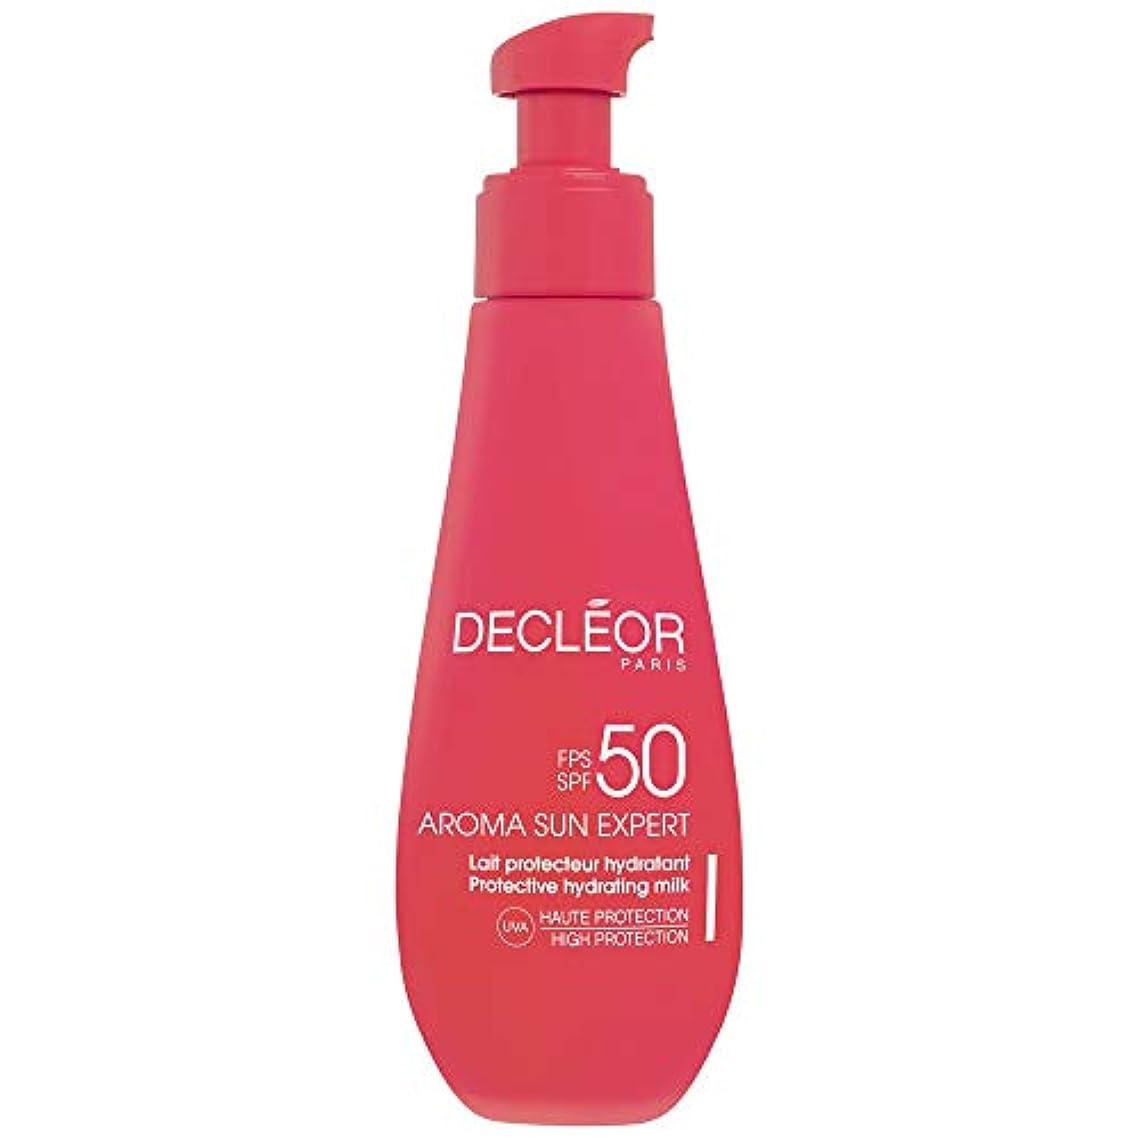 骨折株式会社脇に[Decl?or ] デクレオールアロマ日の専門家で超保護抗シワクリームSpf50 - ボディローション150Ml - Decl?or Aroma Sun Expert Ultra Protective Anti-Wrinkle Cream SPF50 - Body 150ml [並行輸入品]